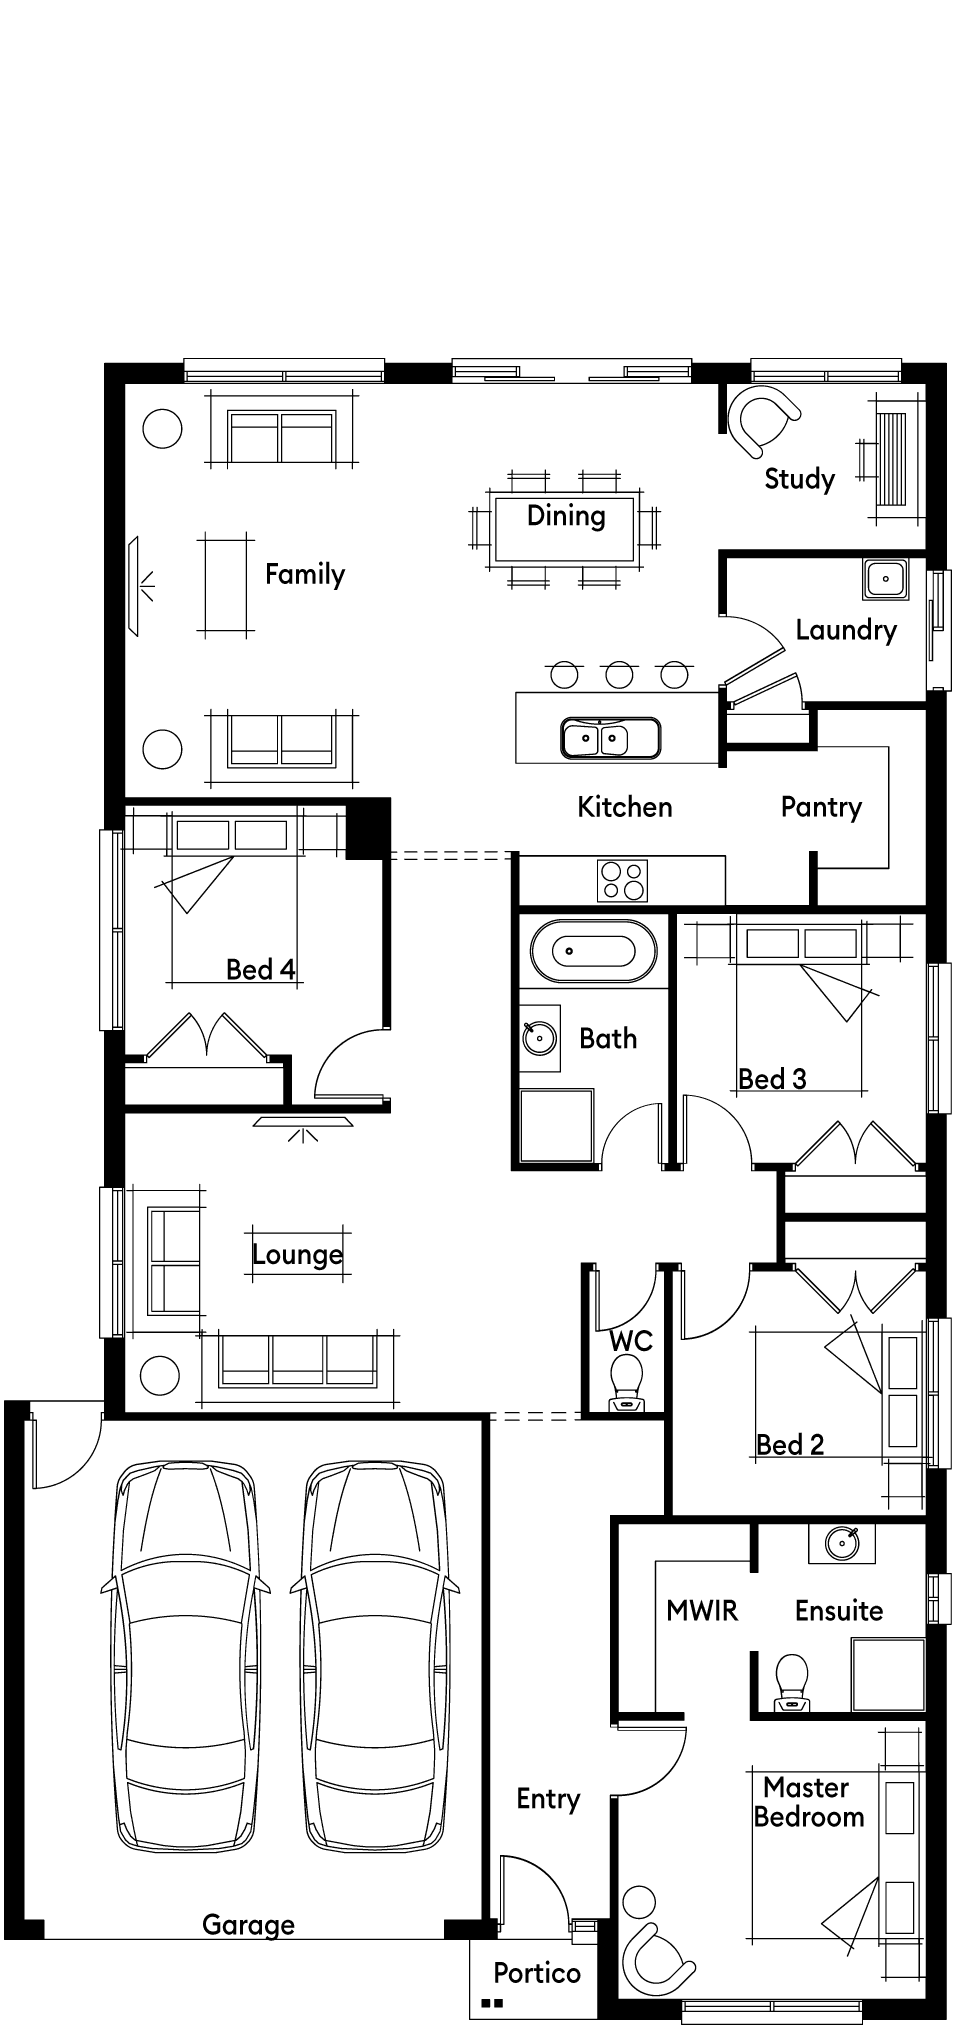 FloorPlan1_HOUSE760_Lamont_22-2